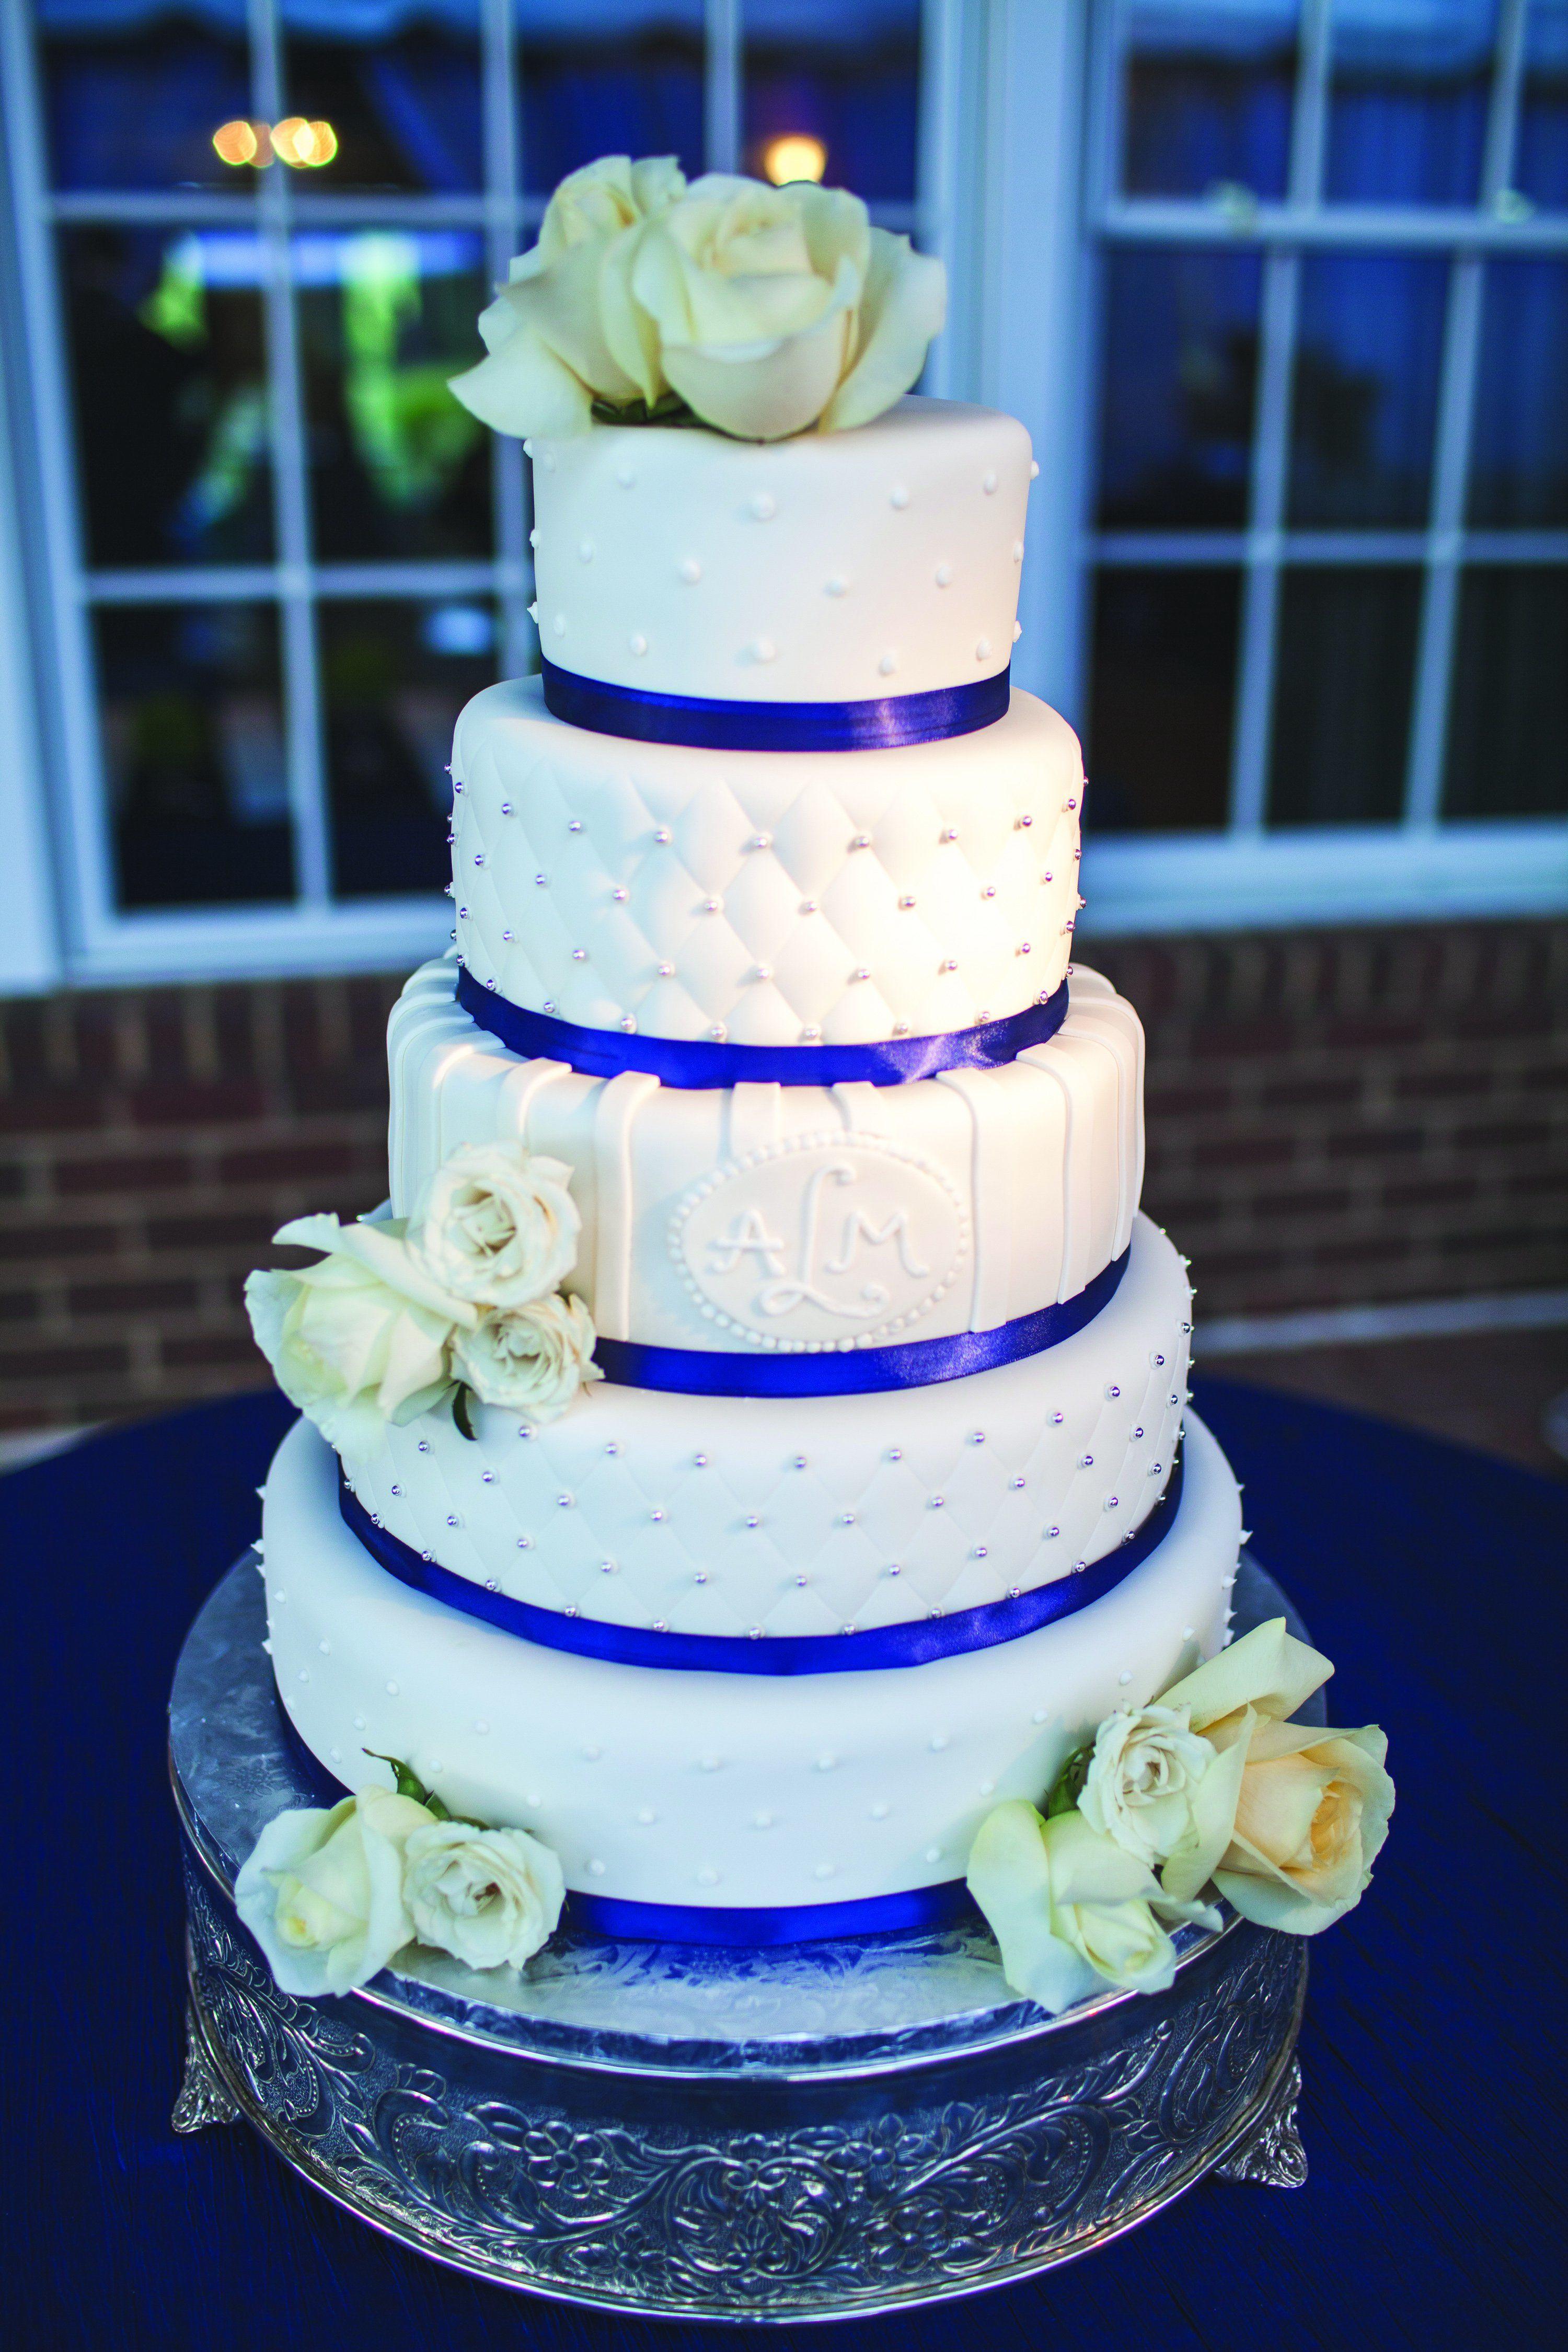 Navy Blue Wedding Cakes  Navy Blue and White Wedding Cake